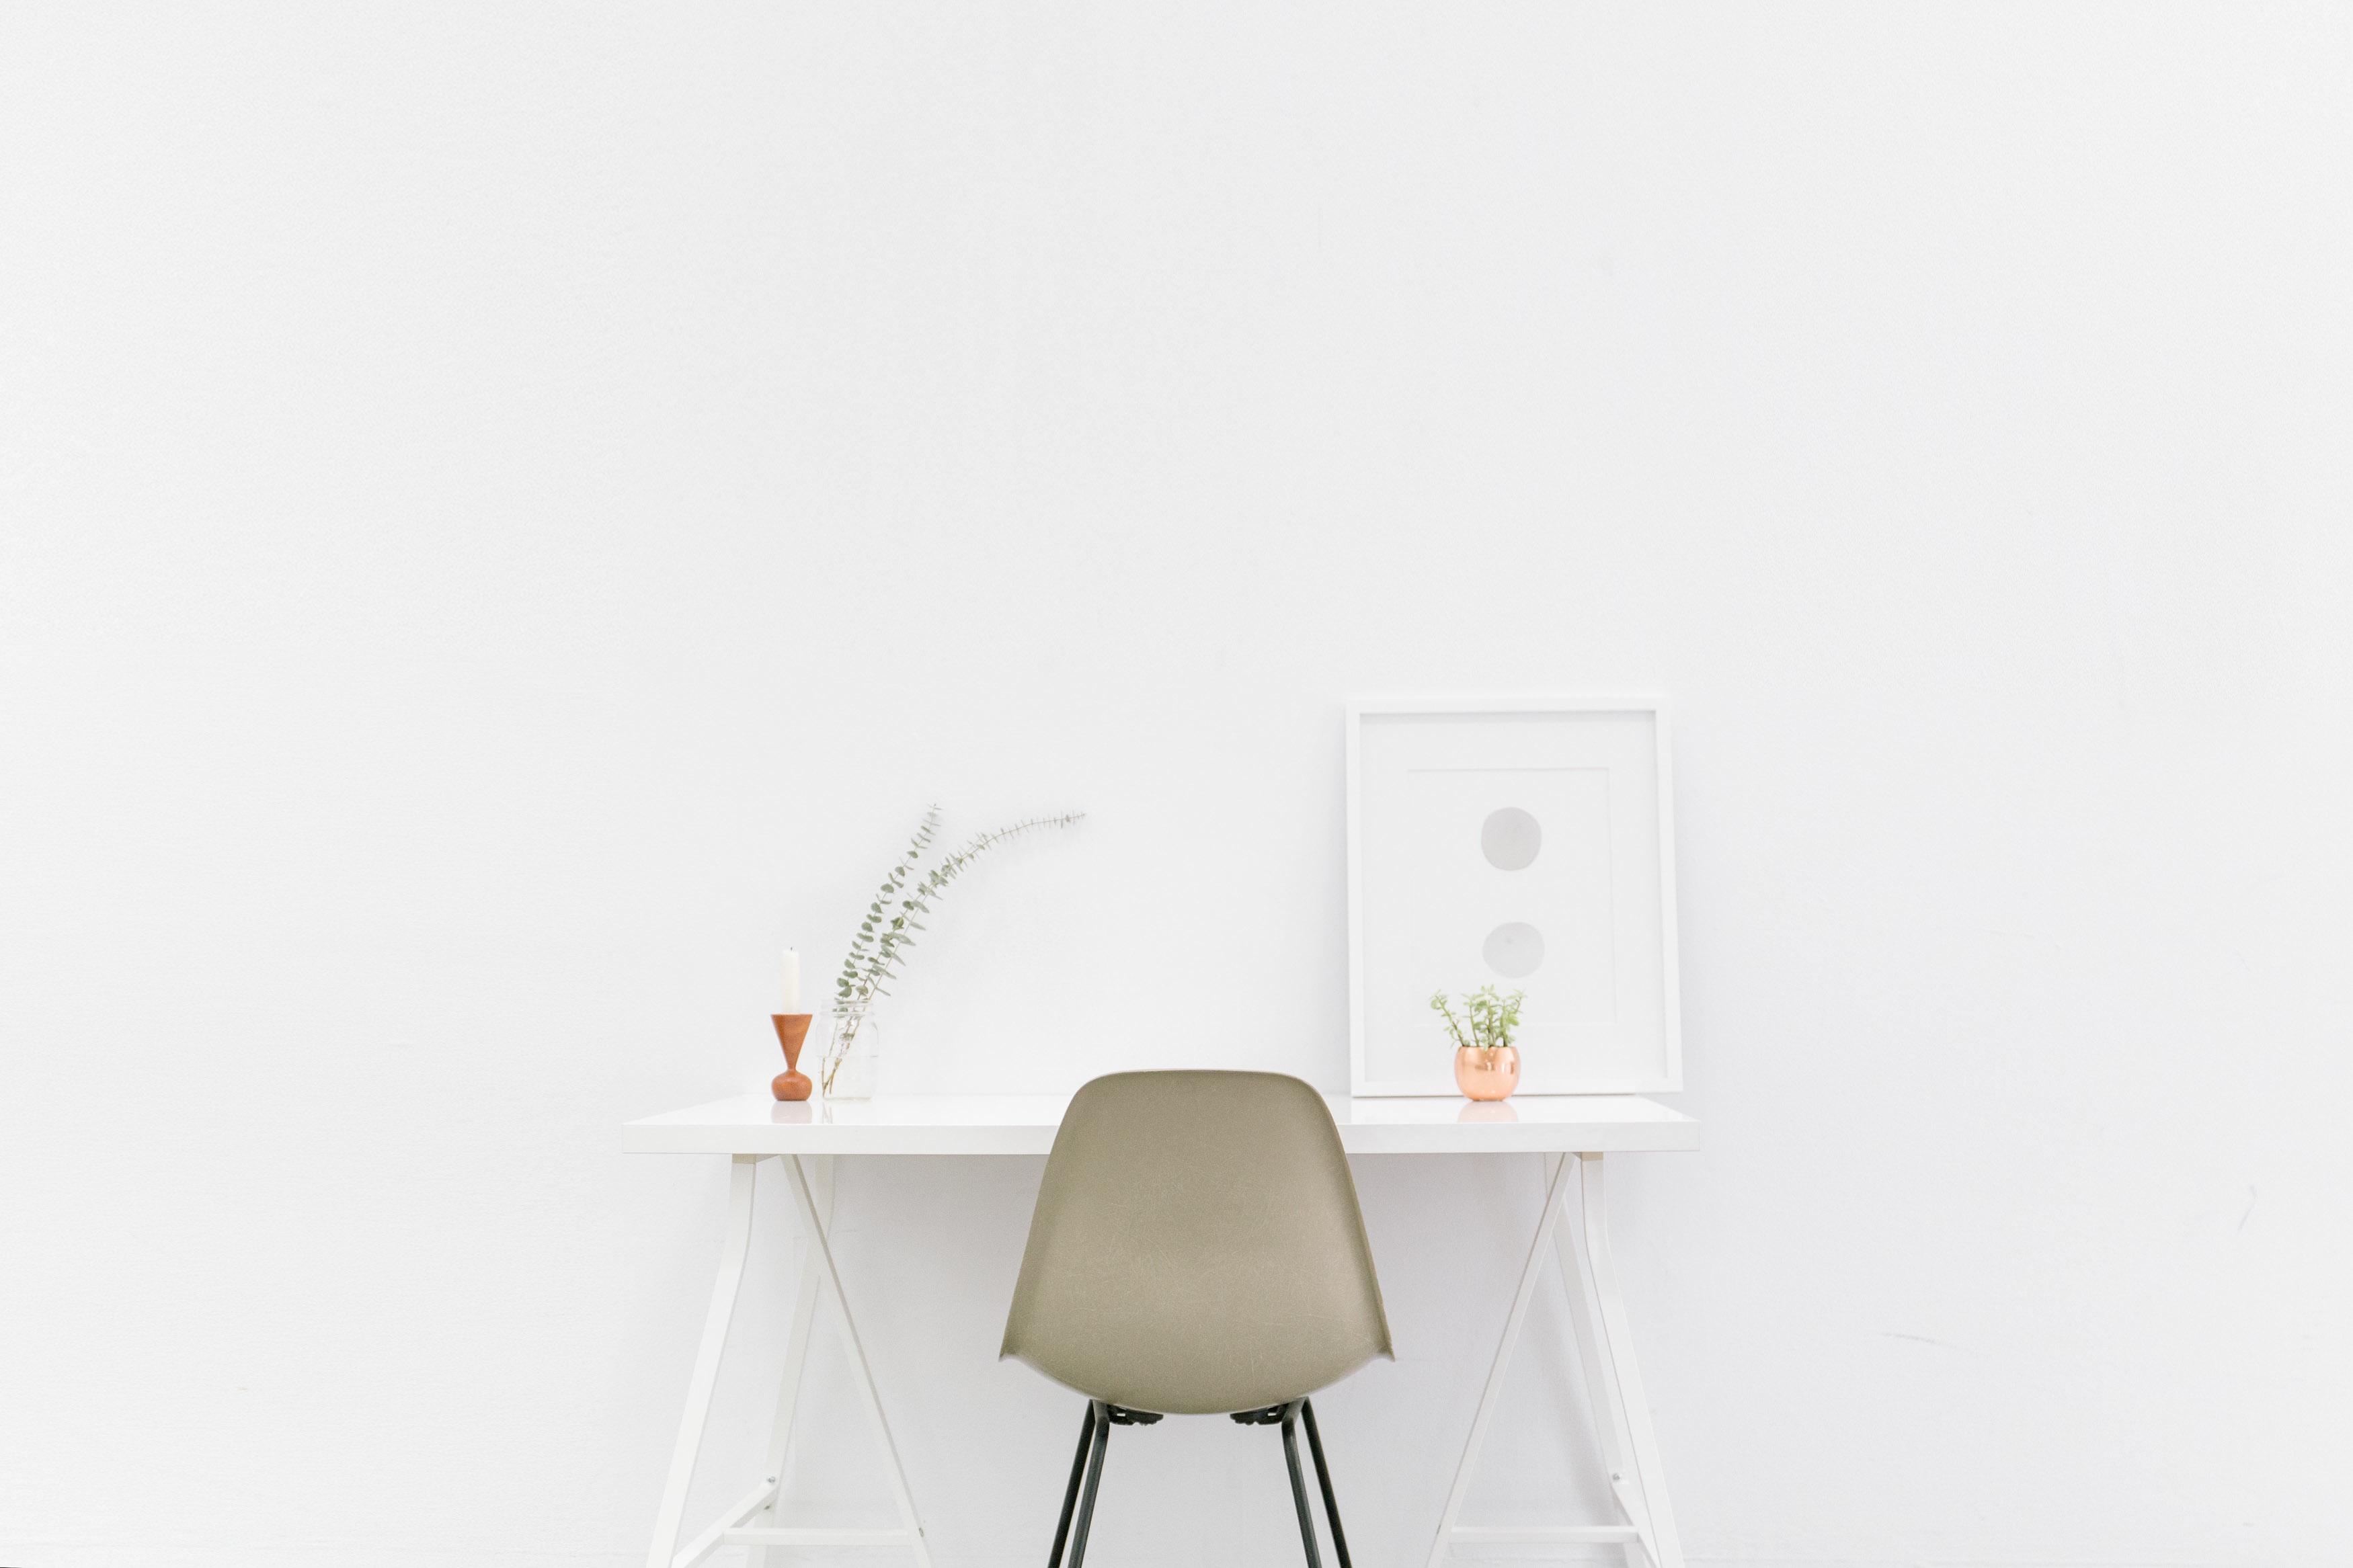 Stoly i stolky do vaší domácnosti, aneb 4 skvělé tipy